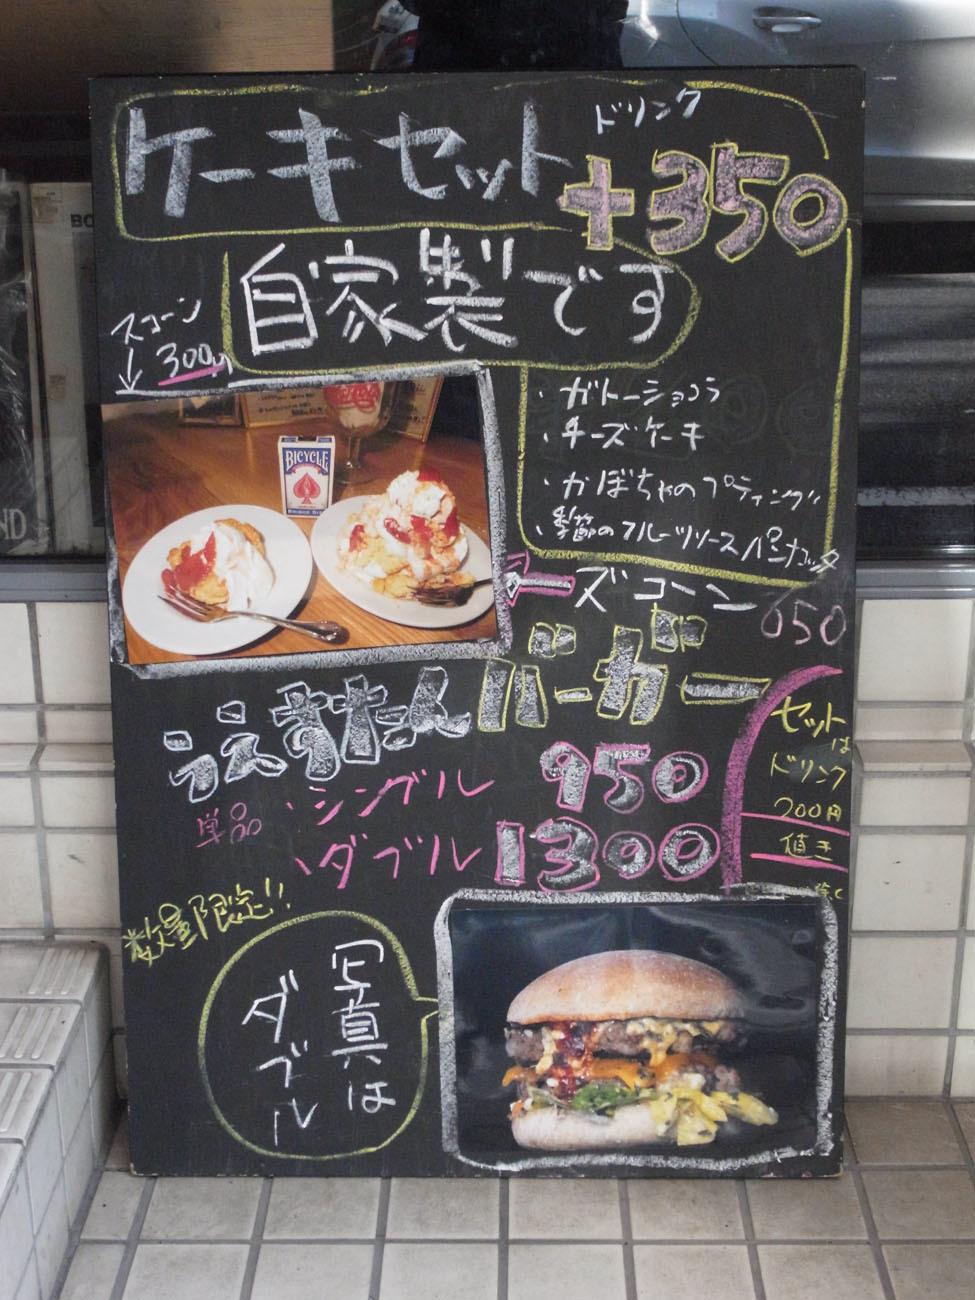 こだわりの鬼さんコチラ〔カフェうえすたん/コーヒー・スイーツ/JR福島〕_f0195971_07431451.jpg